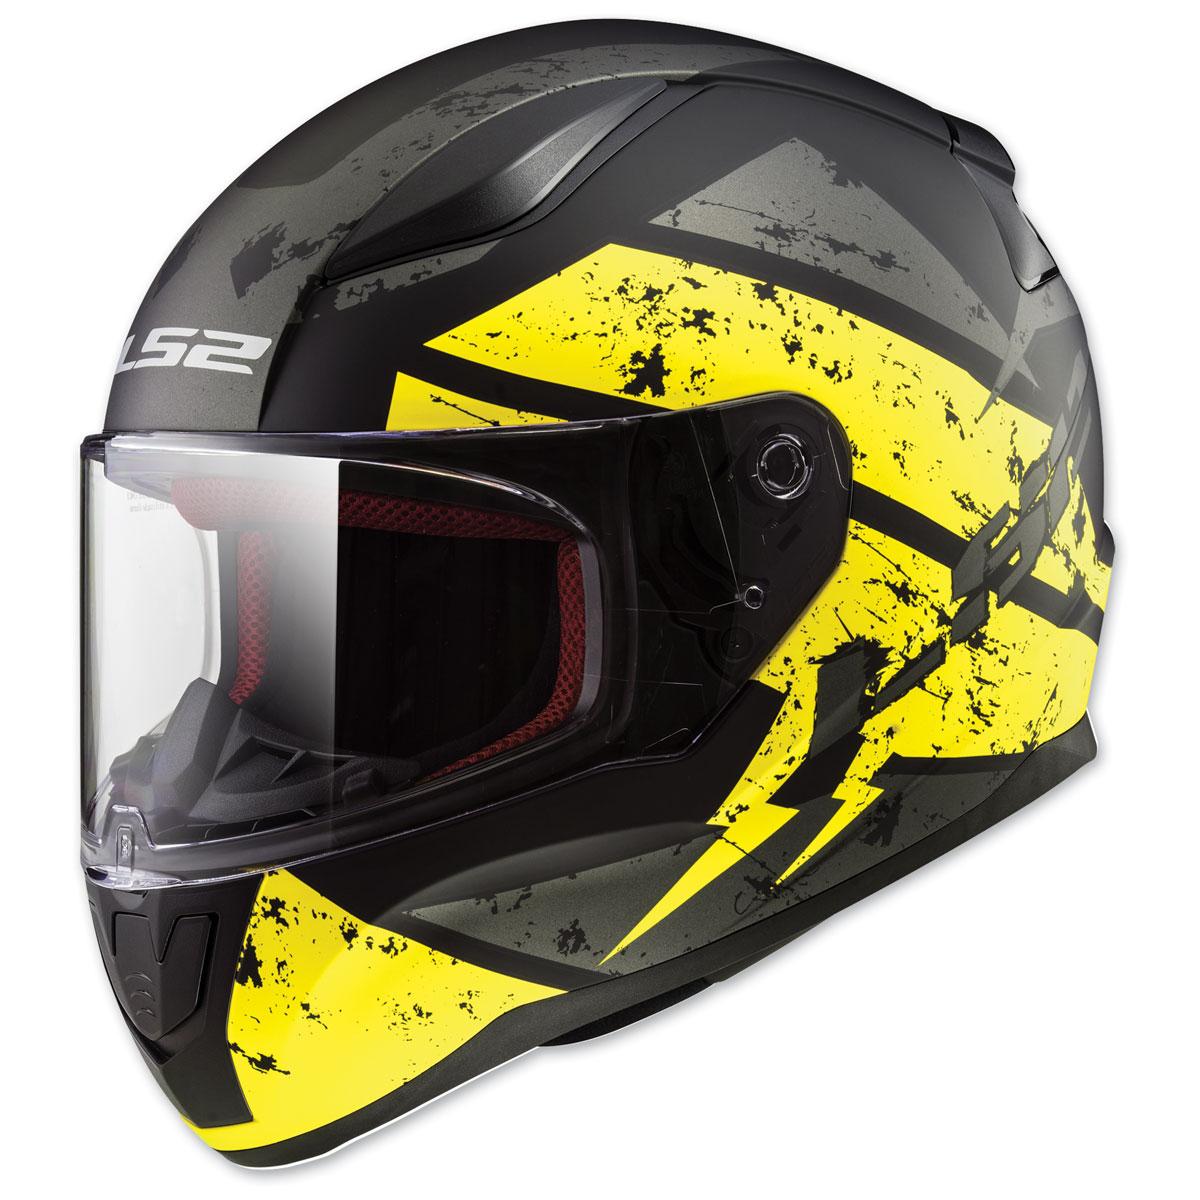 LS2 Rapid Deadbolt Black Full Face Helmet